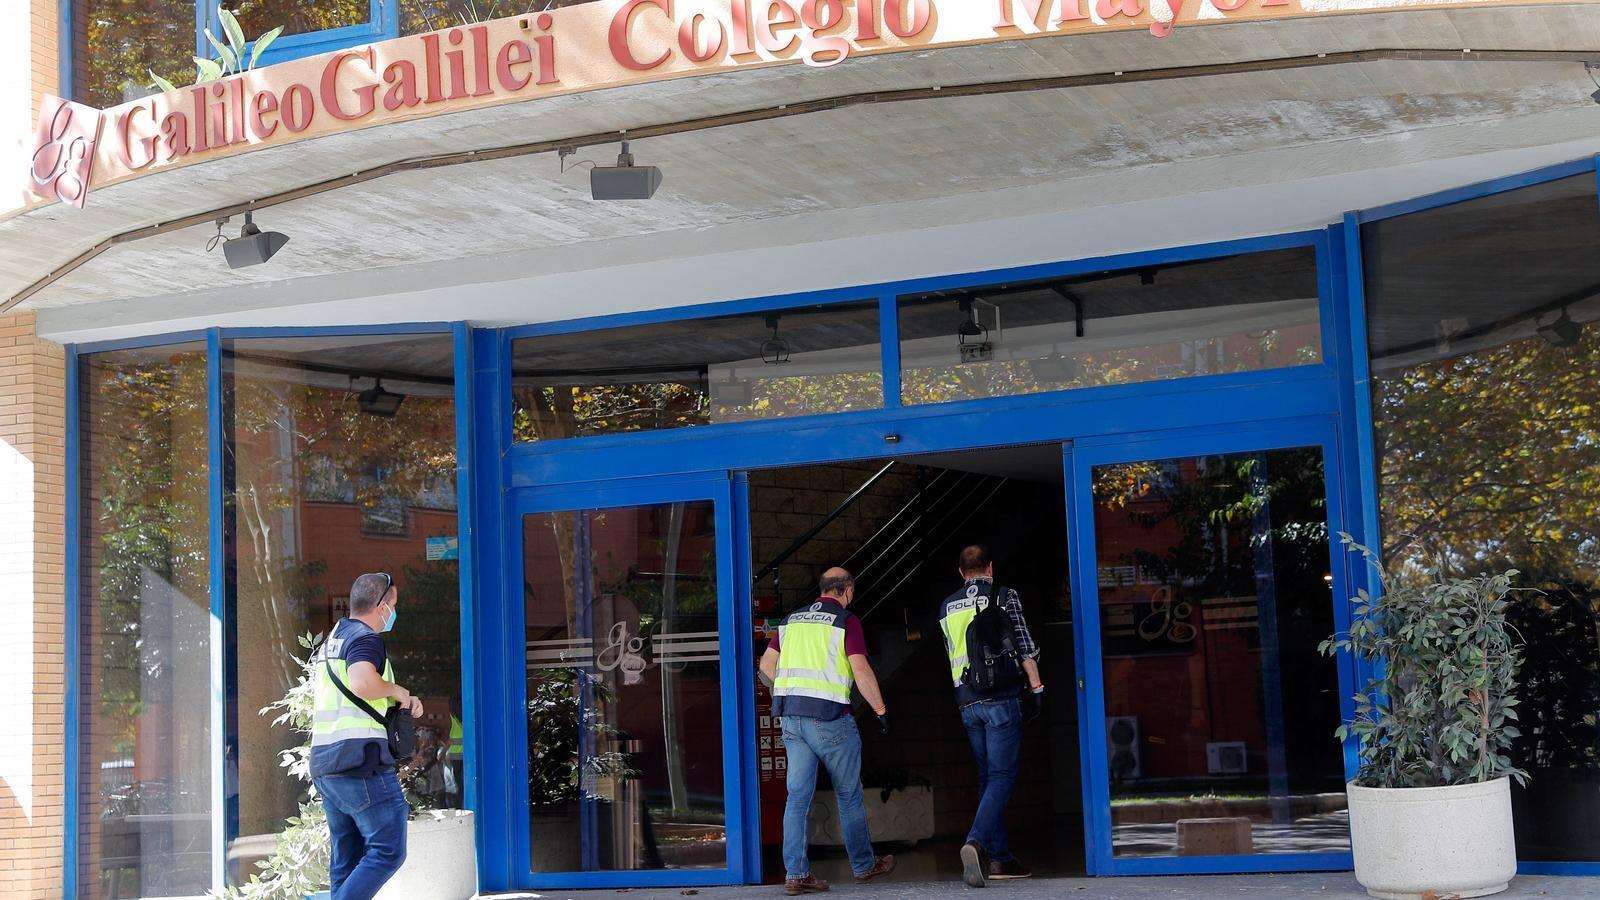 Possibles sancions per als participants d'una festa en un col·legi major que va provocar un brot a València